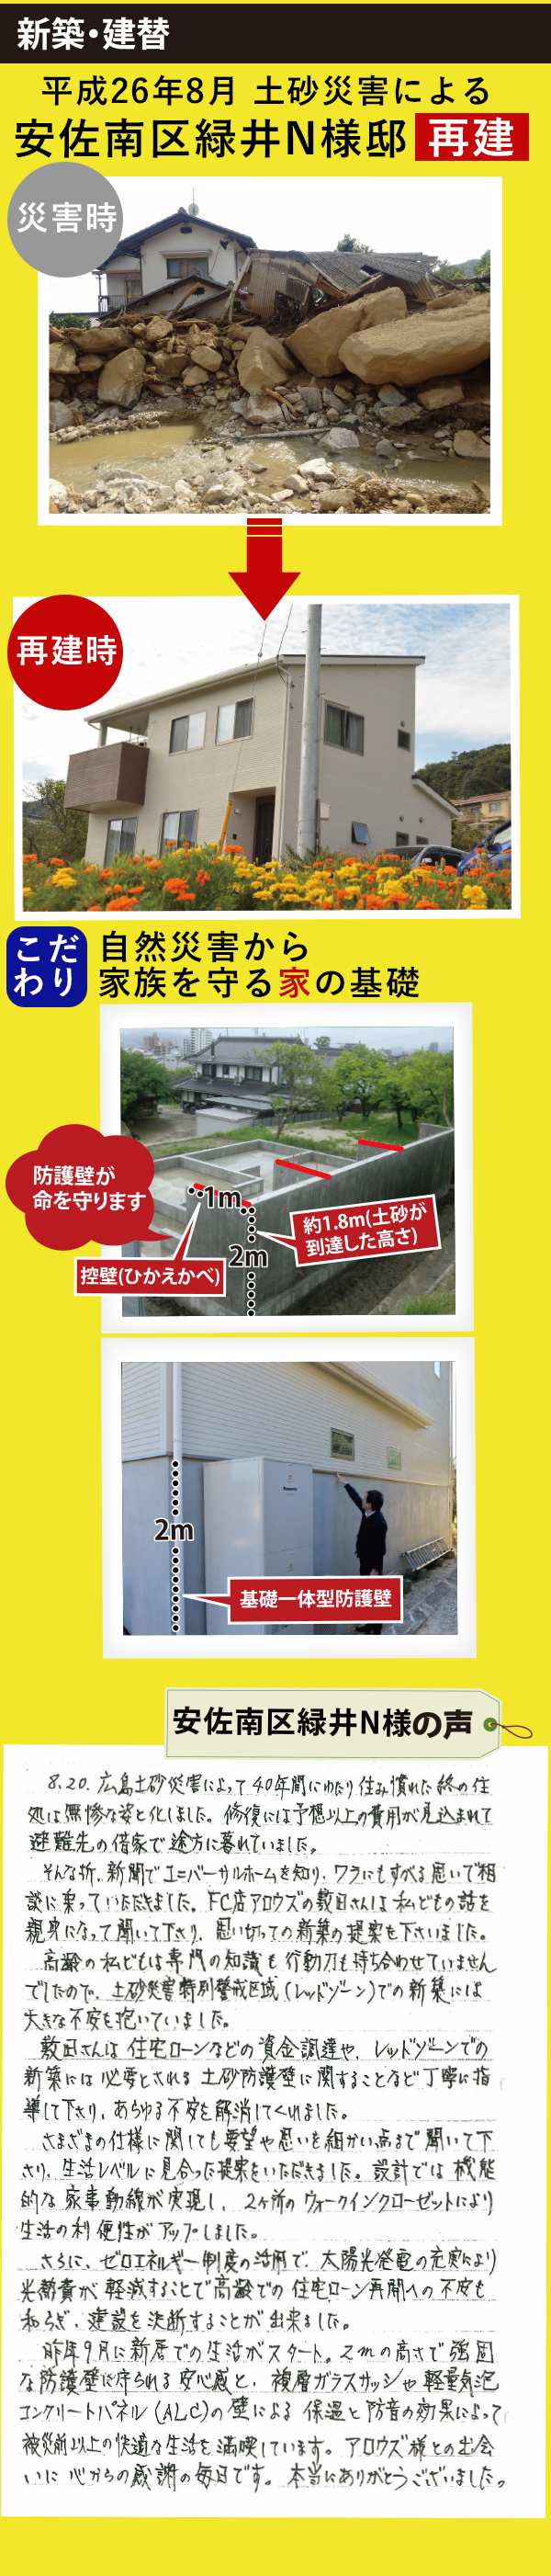 住宅基礎「地熱床システム」